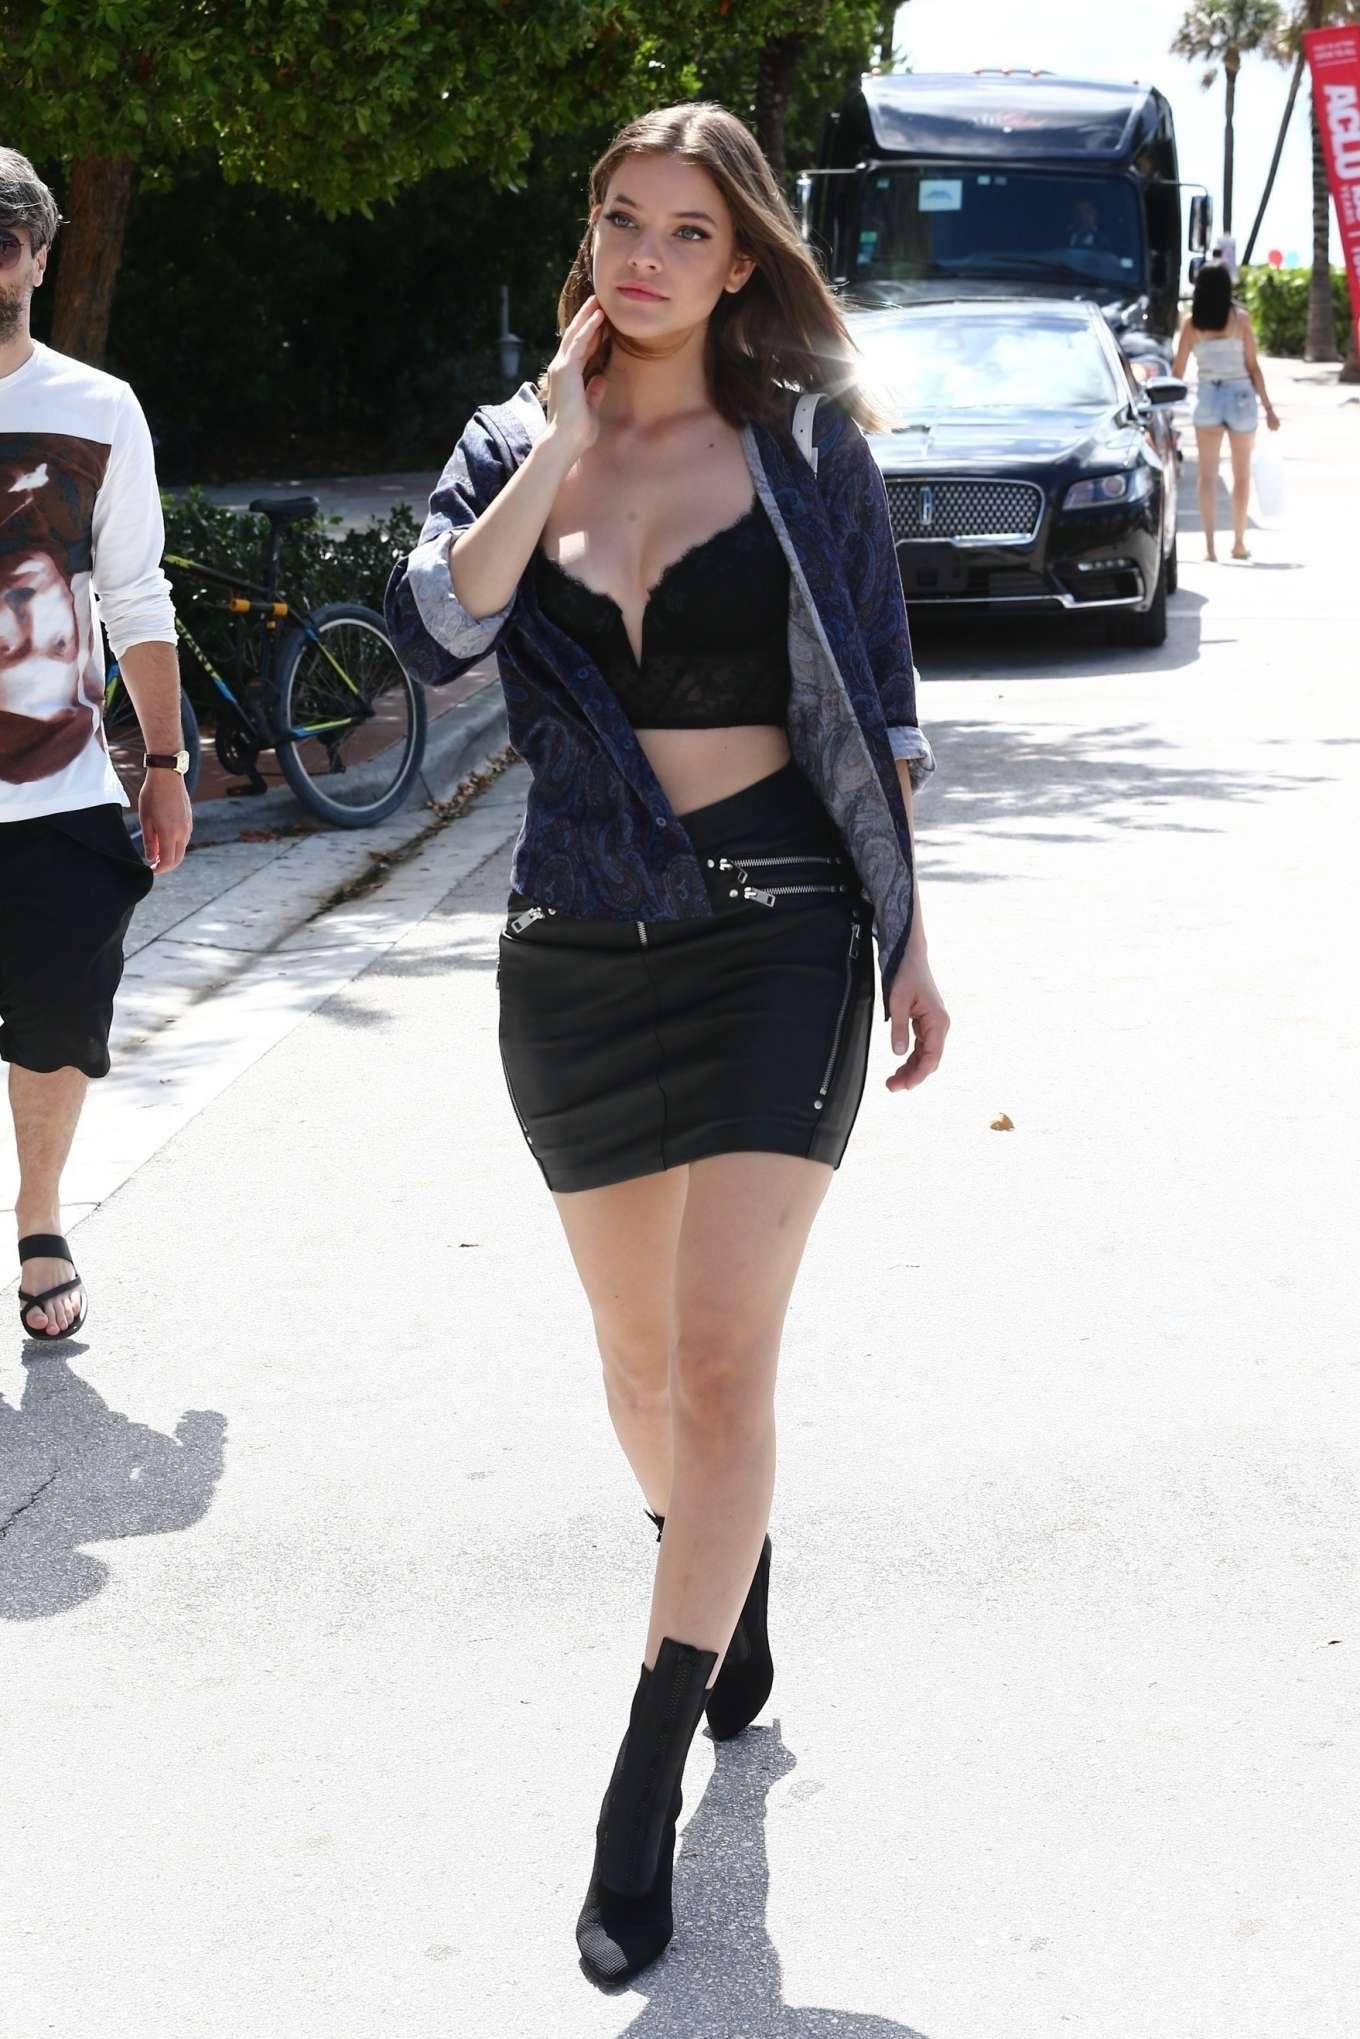 Barbara Palvin in Mini Skirt - Leaving Her Hotel in Miami